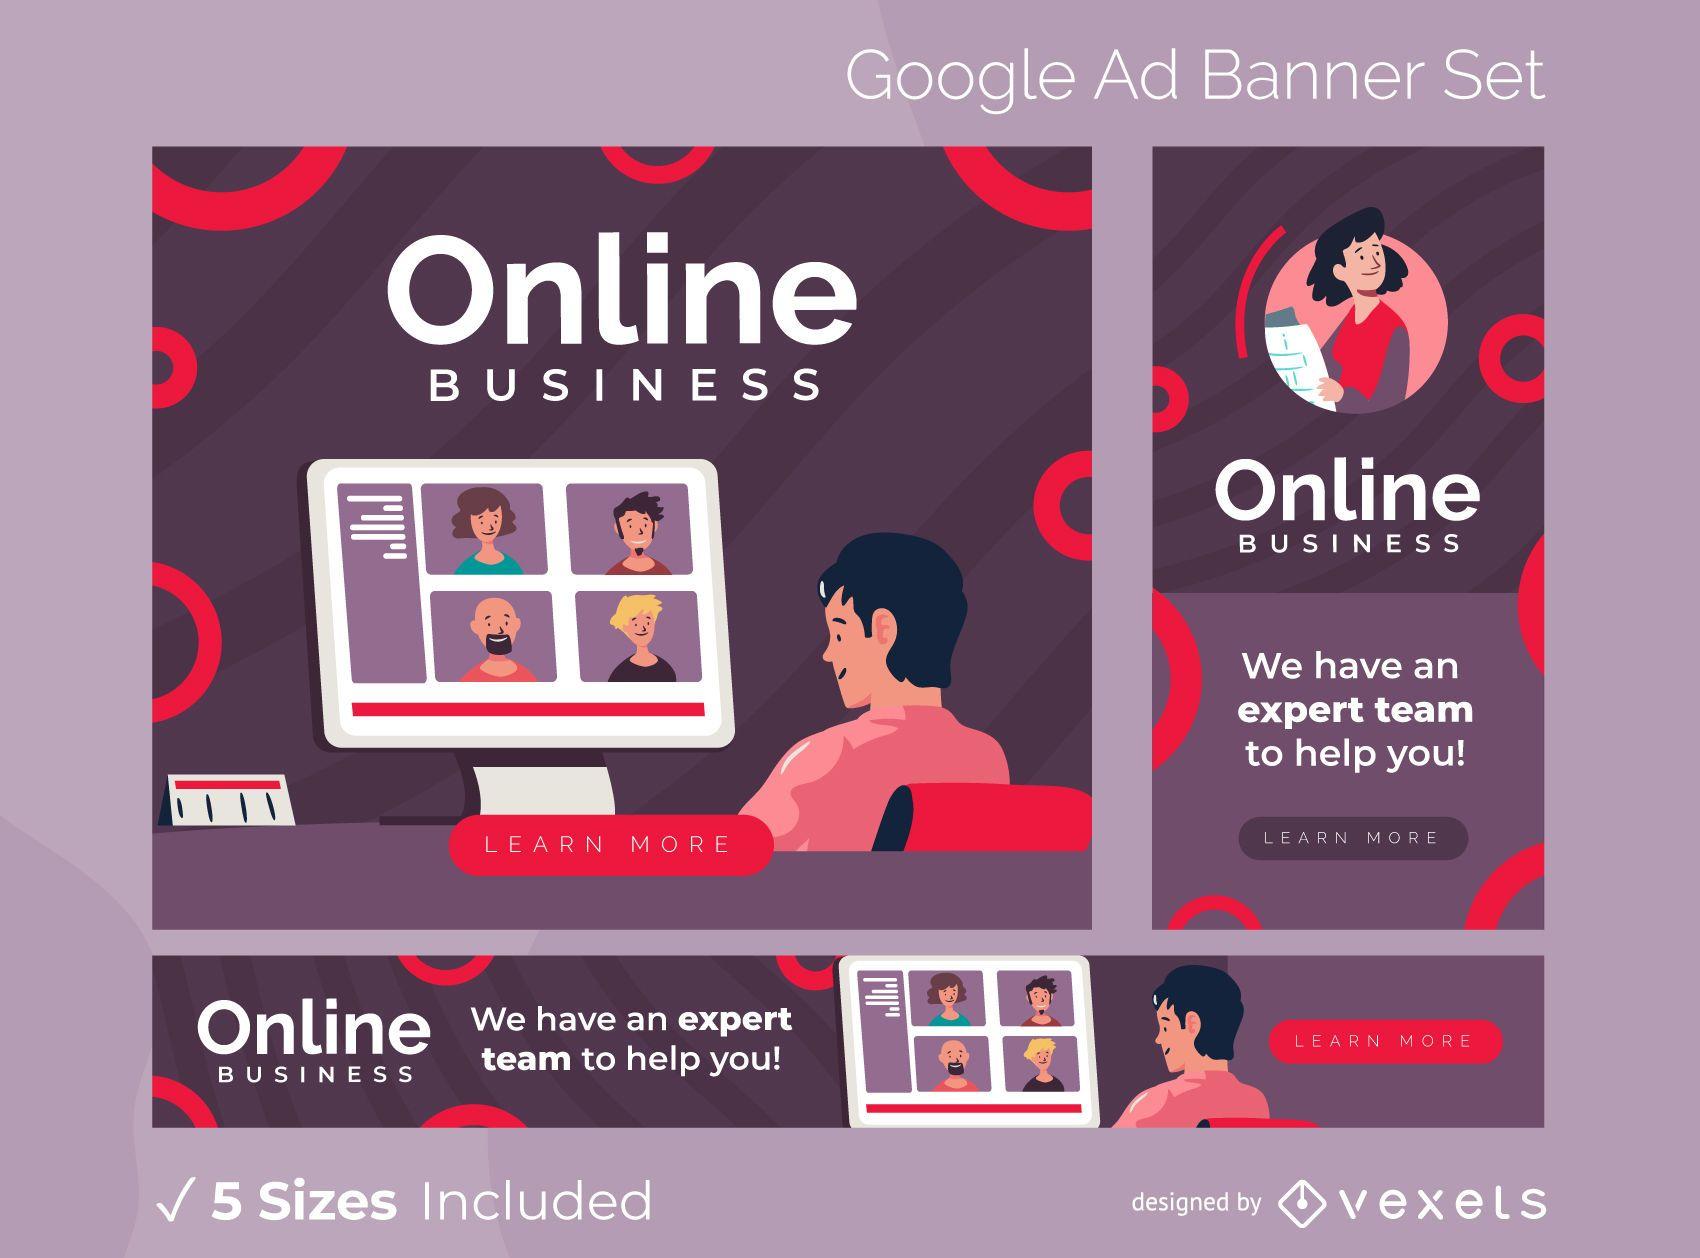 Pacote de banners do Google Ads para empresas online